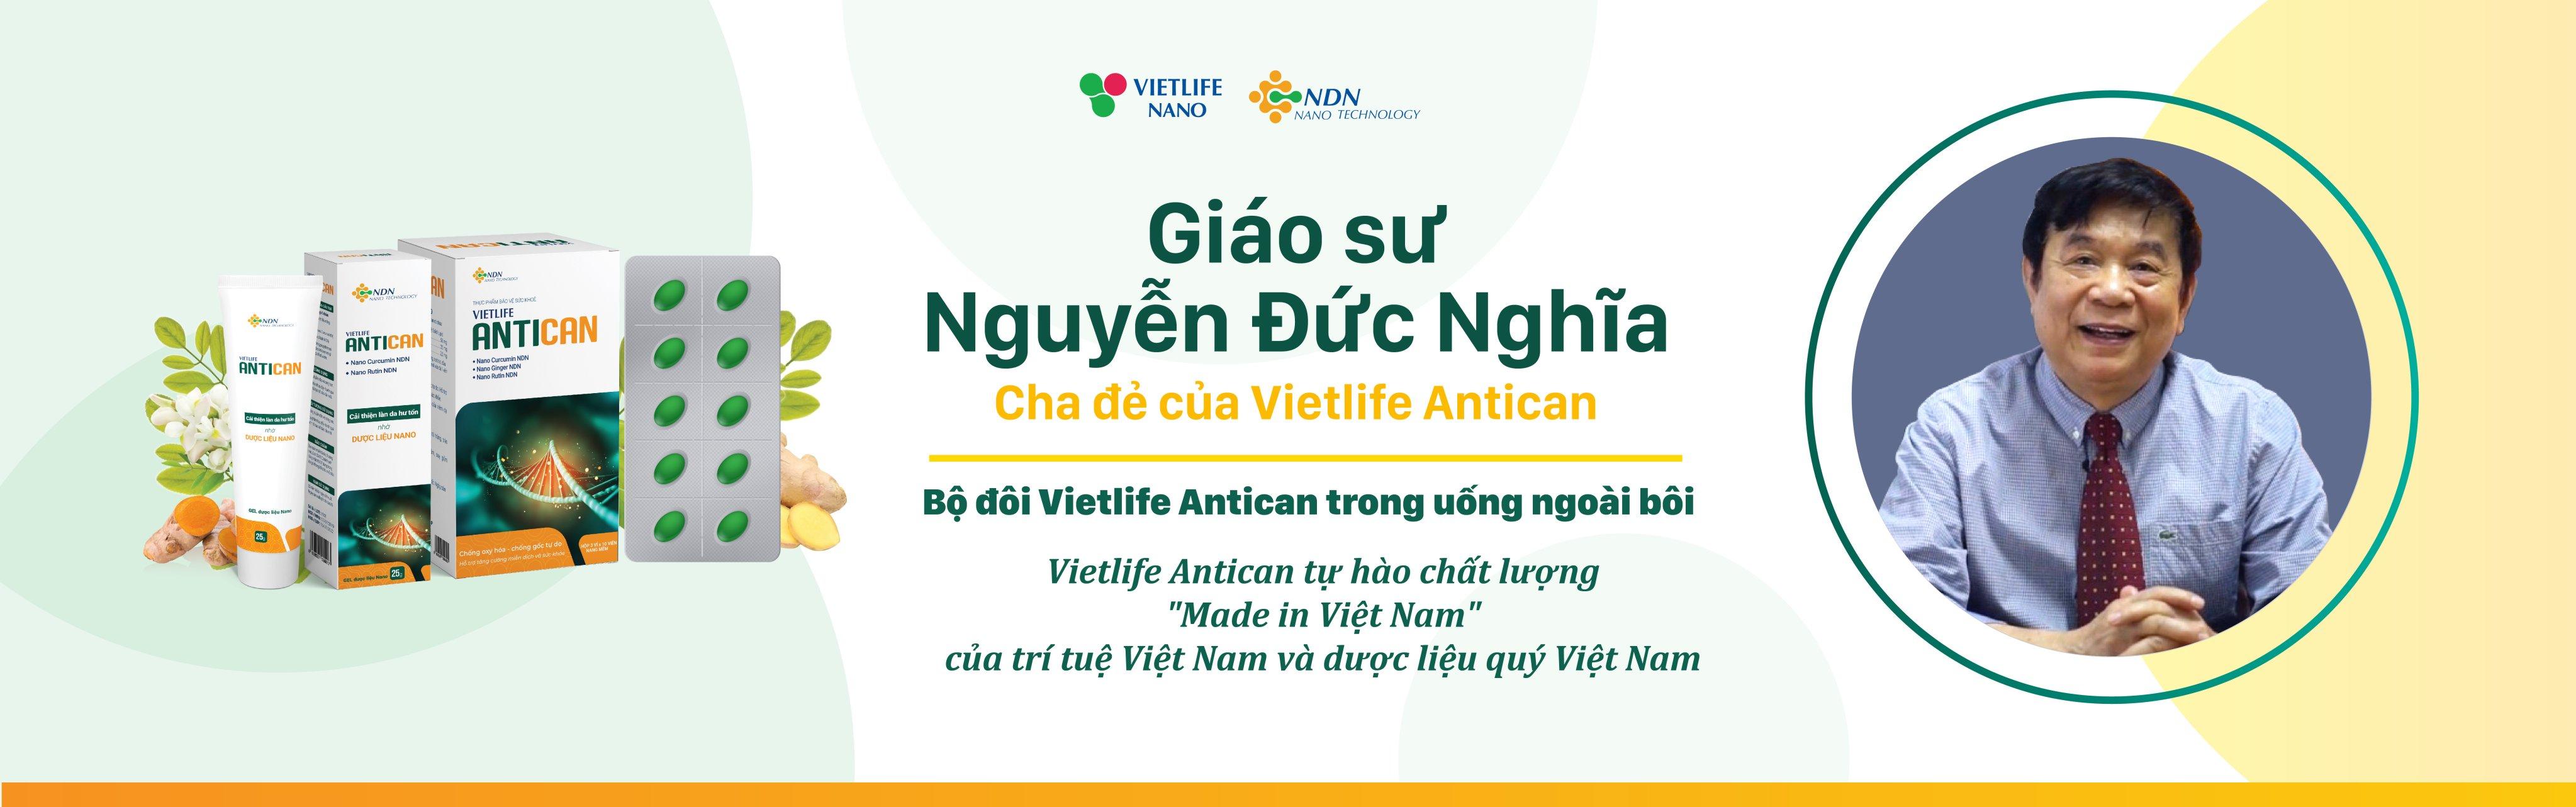 GS.TS.Nguyễn Đức Nghĩa, Nguyên Phó Viện trưởng viện Hóa học, viện Hàn lâm Khoa học và Công nghệ Việt Nam, Trưởng phòng nghiên cứu phát triển Vietlife Nano.